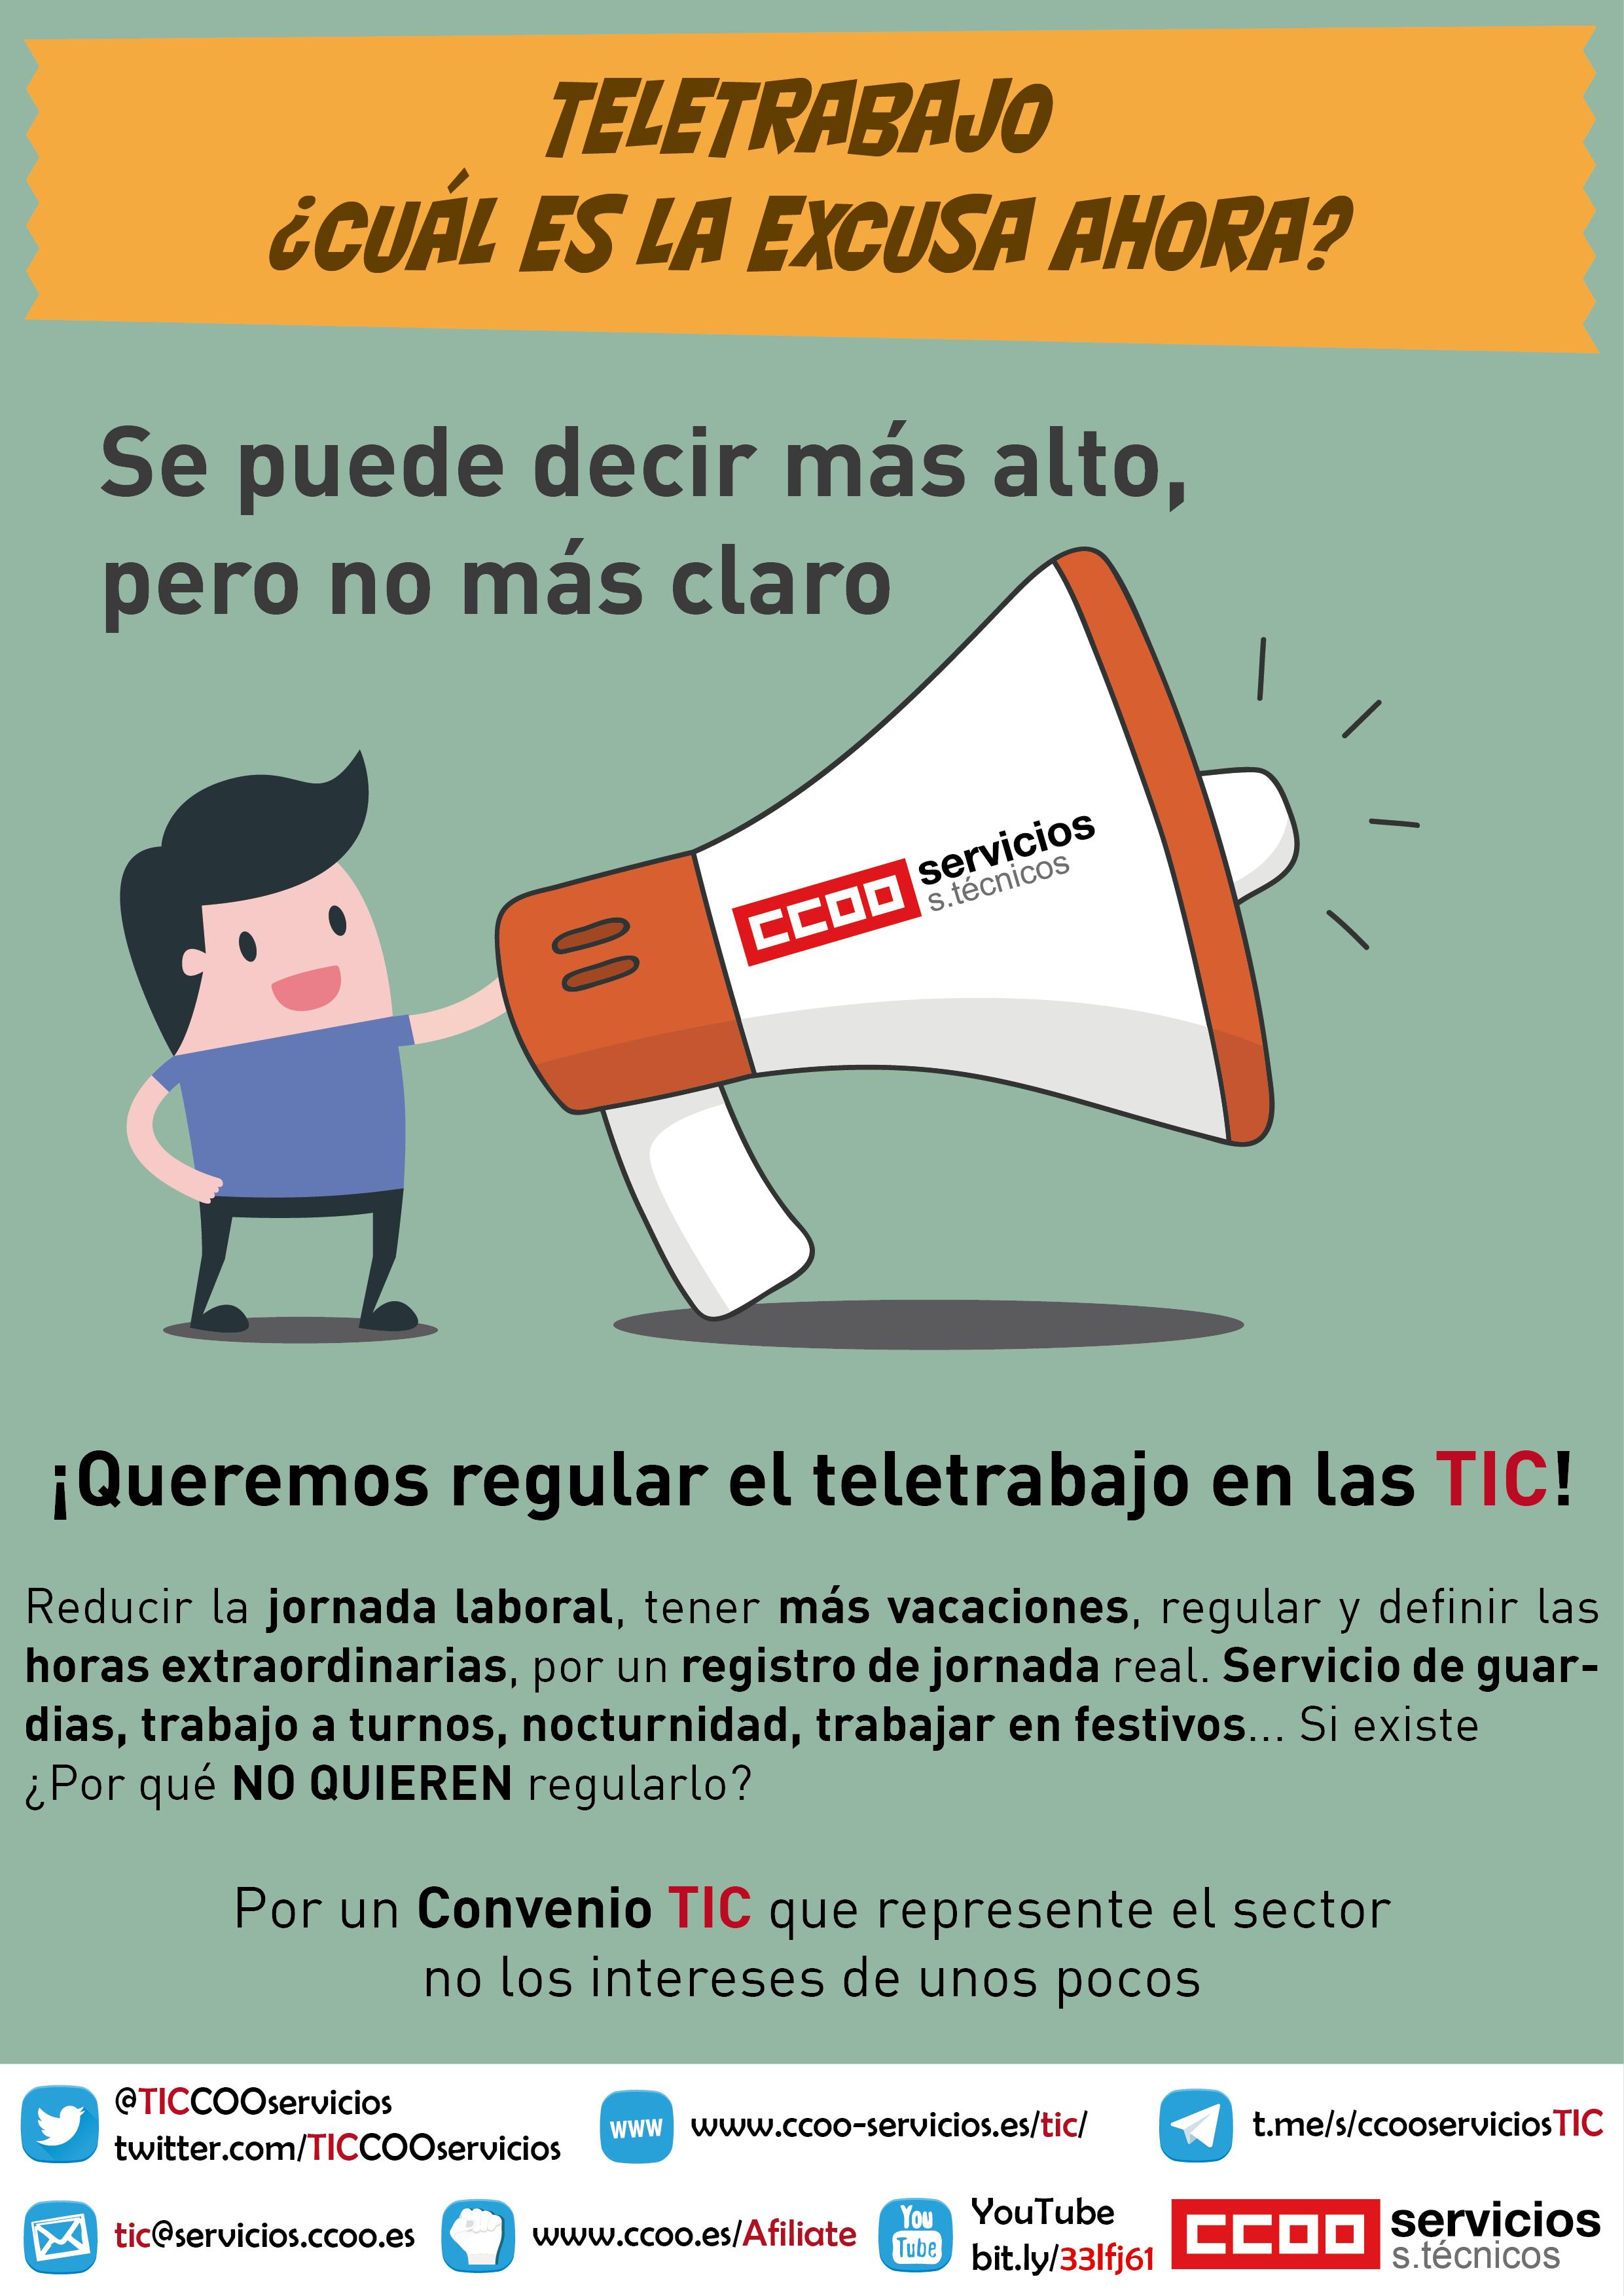 Teletrabajo en TIC